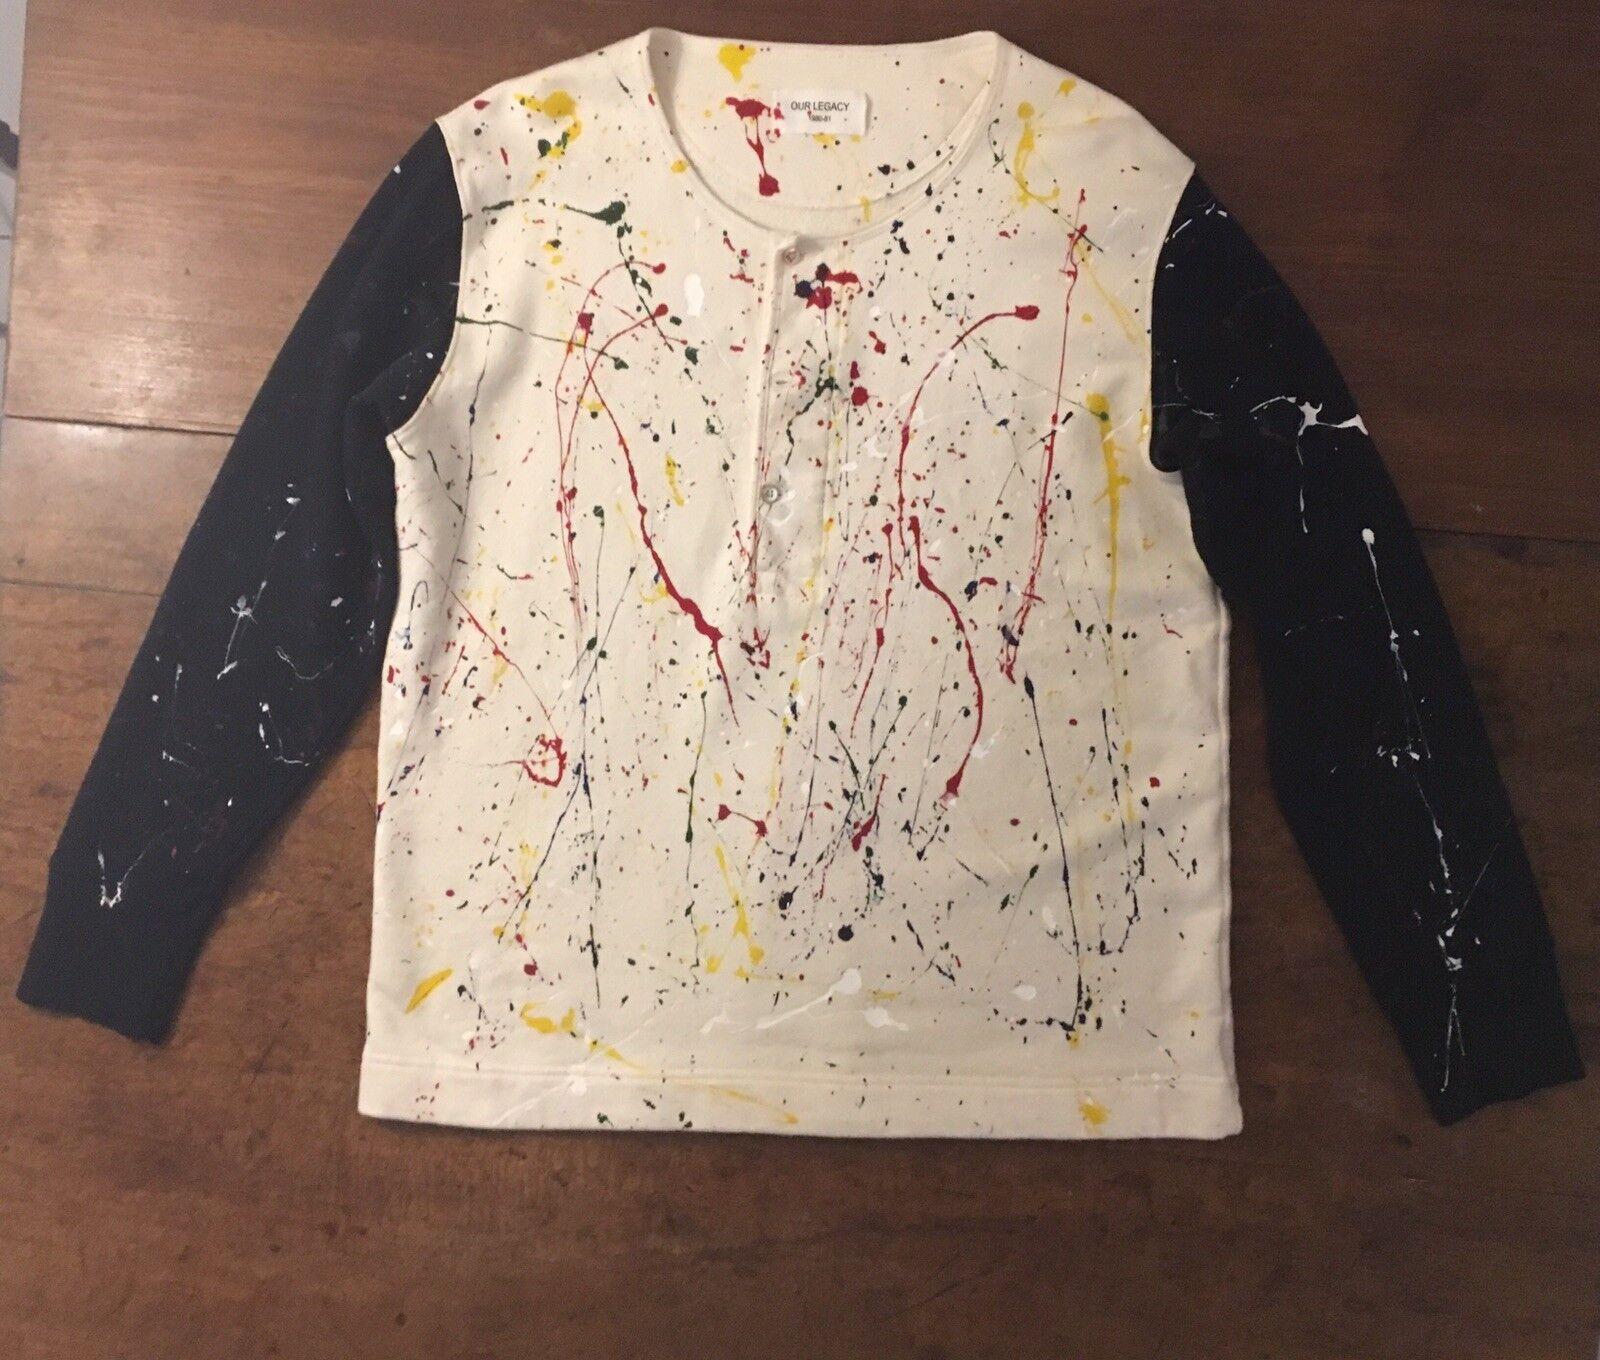 Our Legacy Sample Sweatshirt Paint Splatter - Größe 50 L - Excellent Condition